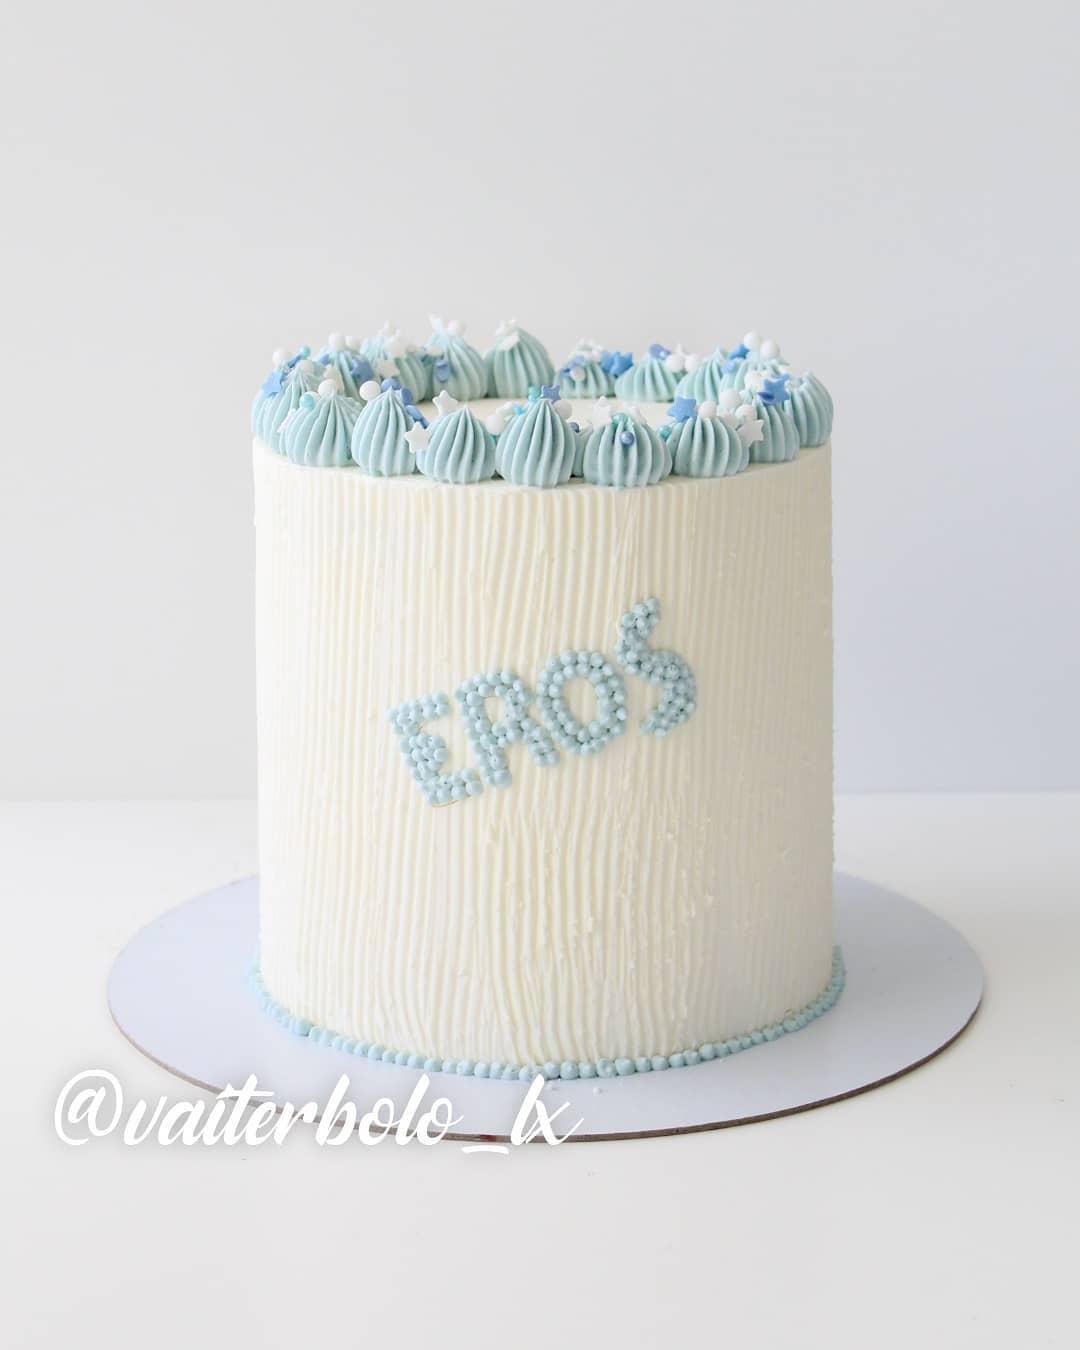 O Eros, que na mitologia grega era o Deus do amor, mas aqui em Portugal é um menino lindíssimo que estava comemorando 1 aninho, merecia um bolo cheio de amor e cuidado para este momento tão importante. Acho que deu certo, né? Tão fofo esse bolo 🥰..#vaiterbolohoje #almada #bolodecorado #buttercreamcake #birthdaycake #vaiterbolo #vaiterbolosim #bolo #cake #lisboapontocome #cakeart #lisboafood #buttercream #cakedesign #lisboa #ilovelisboa #cakedecorating #vaiterbololindo